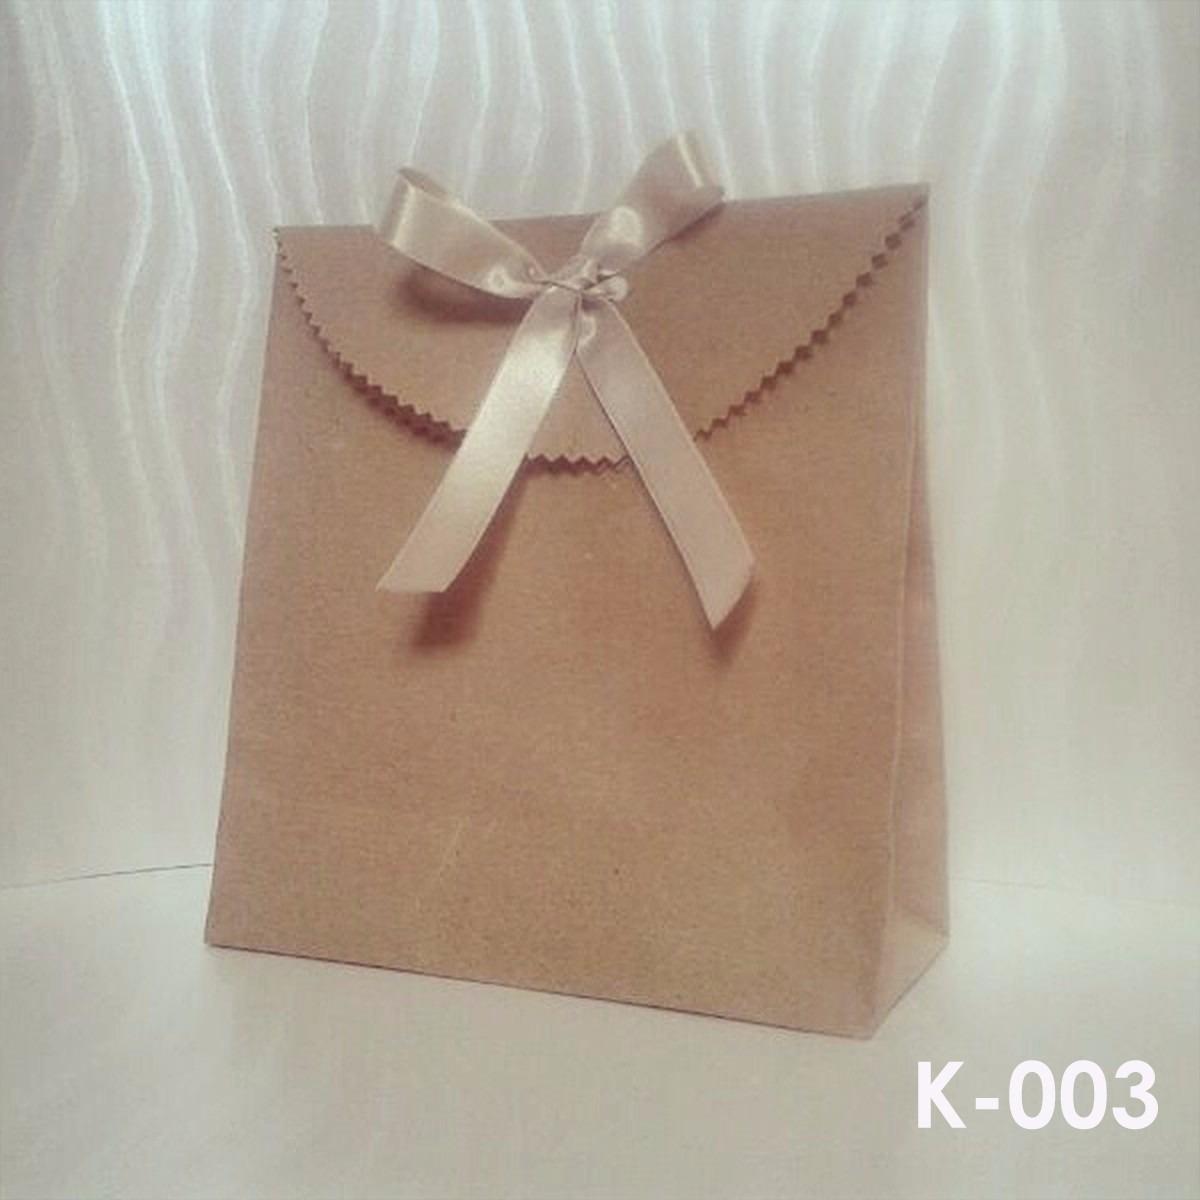 b9cb96a52 Bolsas Creativas Para Regalos 3 - Papel Kraft (paquete) - Bs. 0,13 en  Mercado Libre